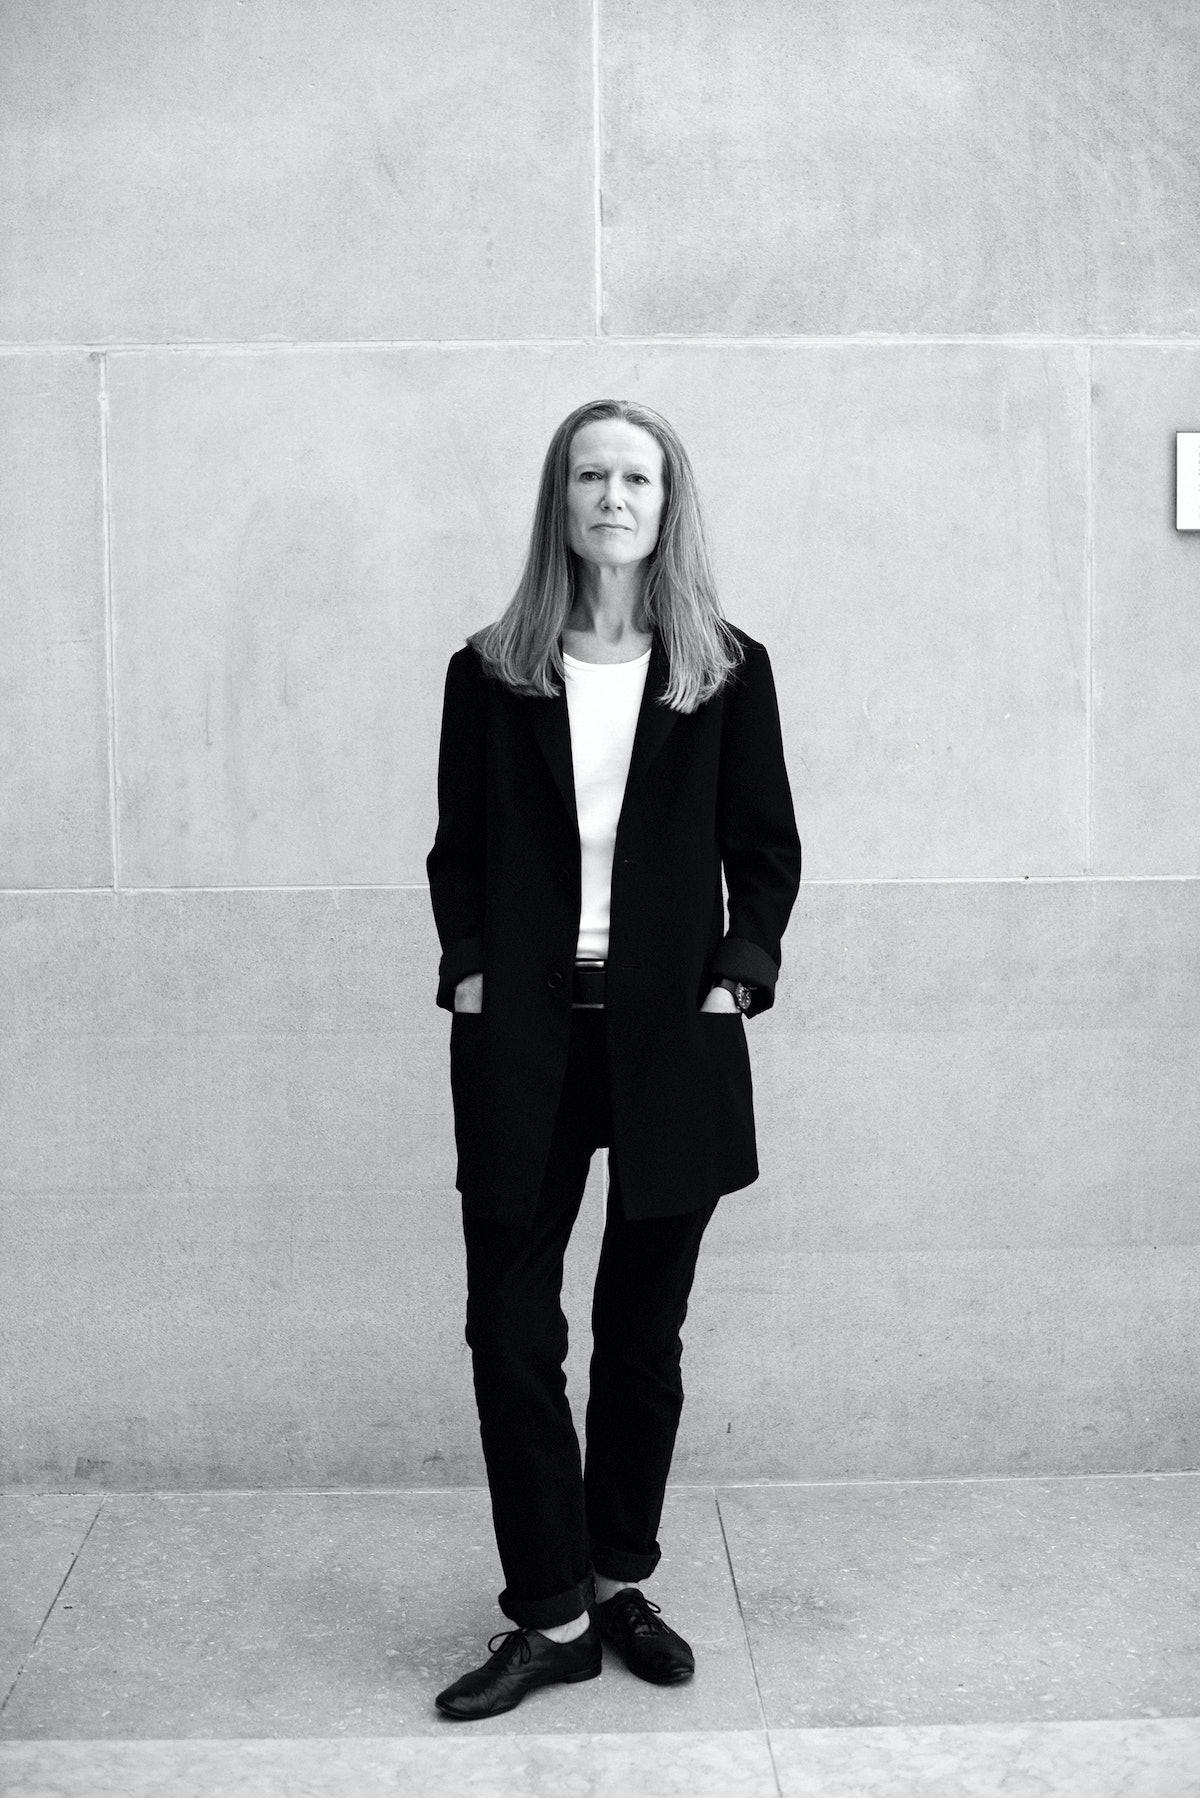 Who's Who: Sheena Wagstaff